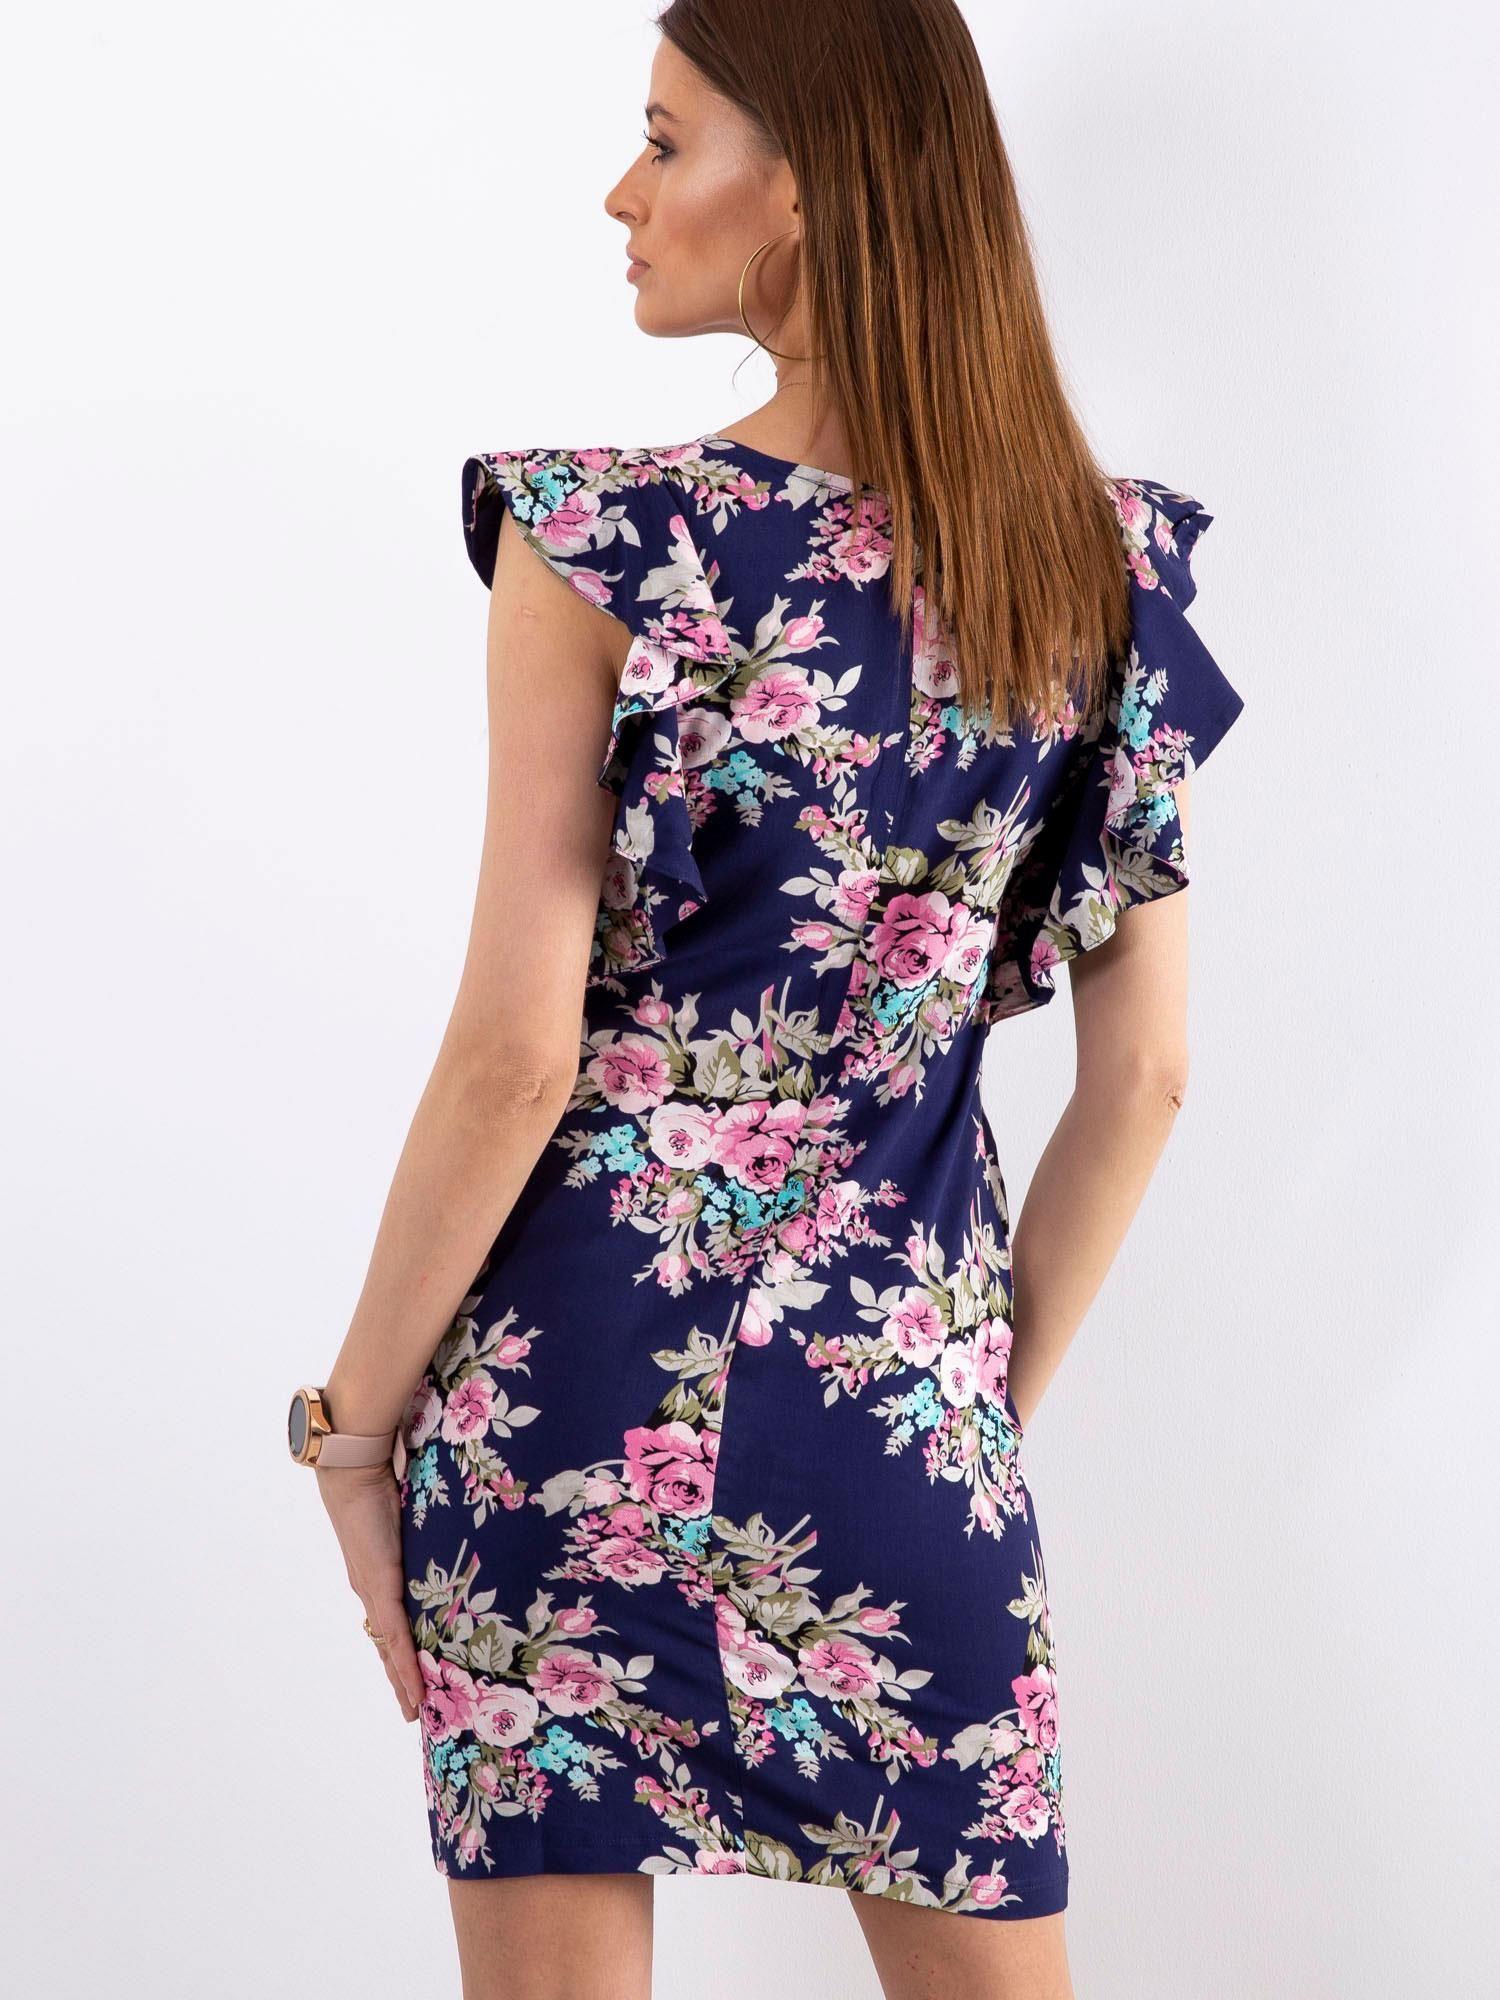 ebc3b9d2c7 Granatowa sukienka w kwiaty z falbanami na rękawach - Sukienka z ...